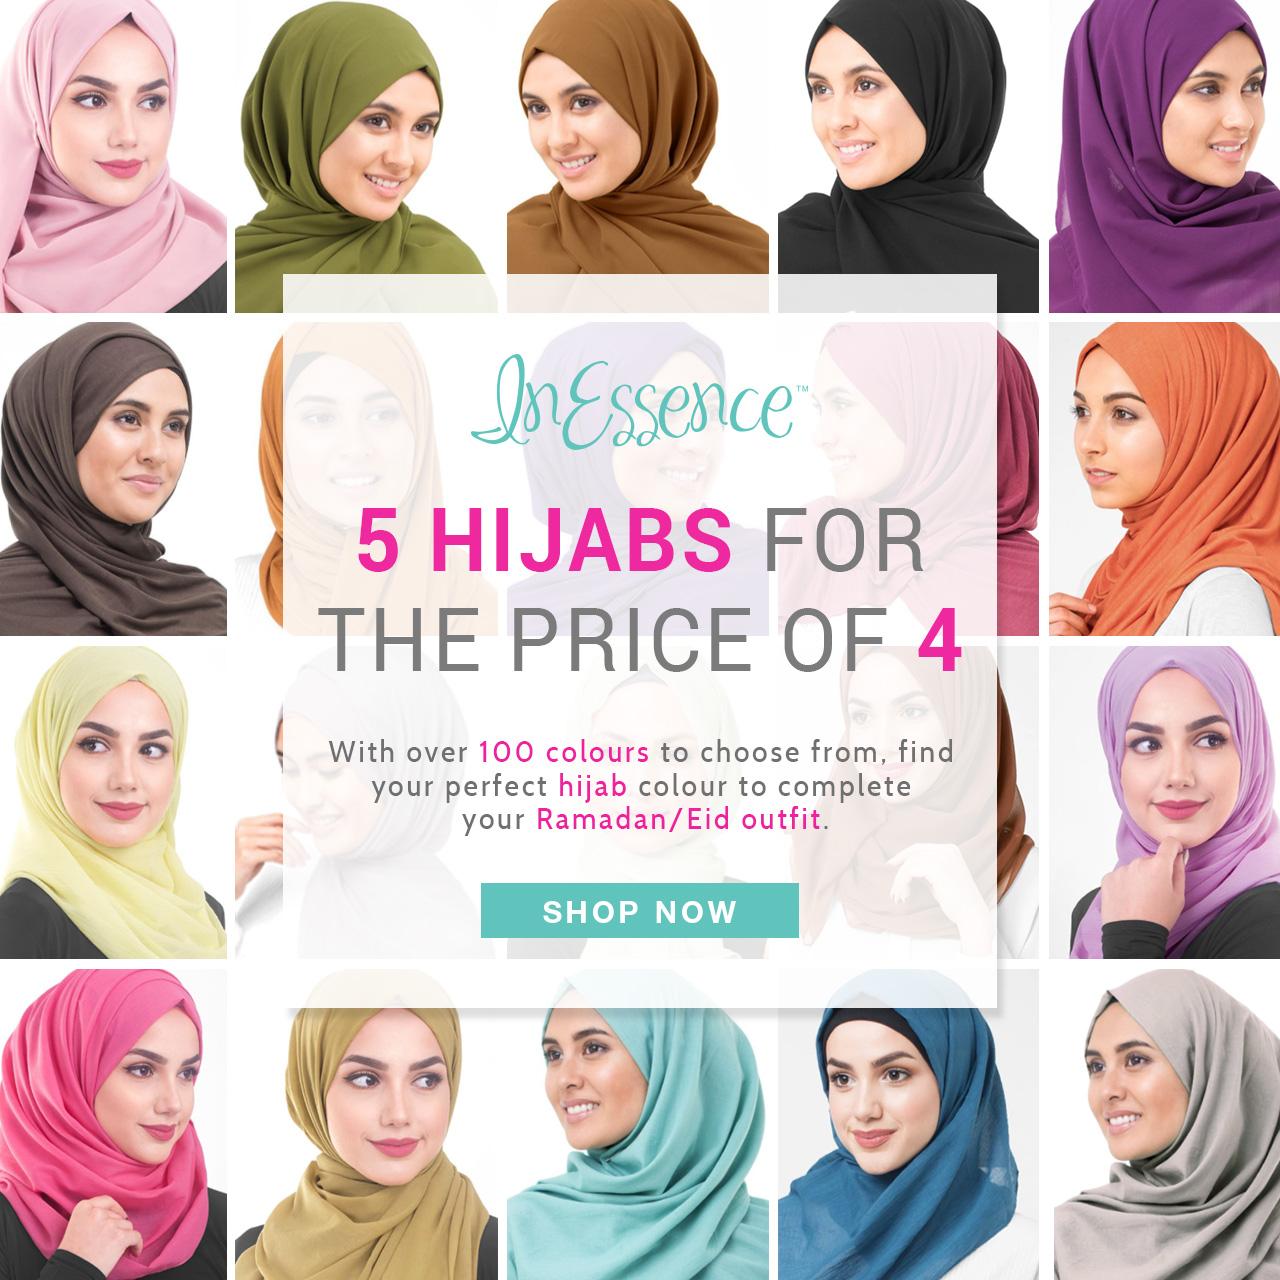 Hijab offer